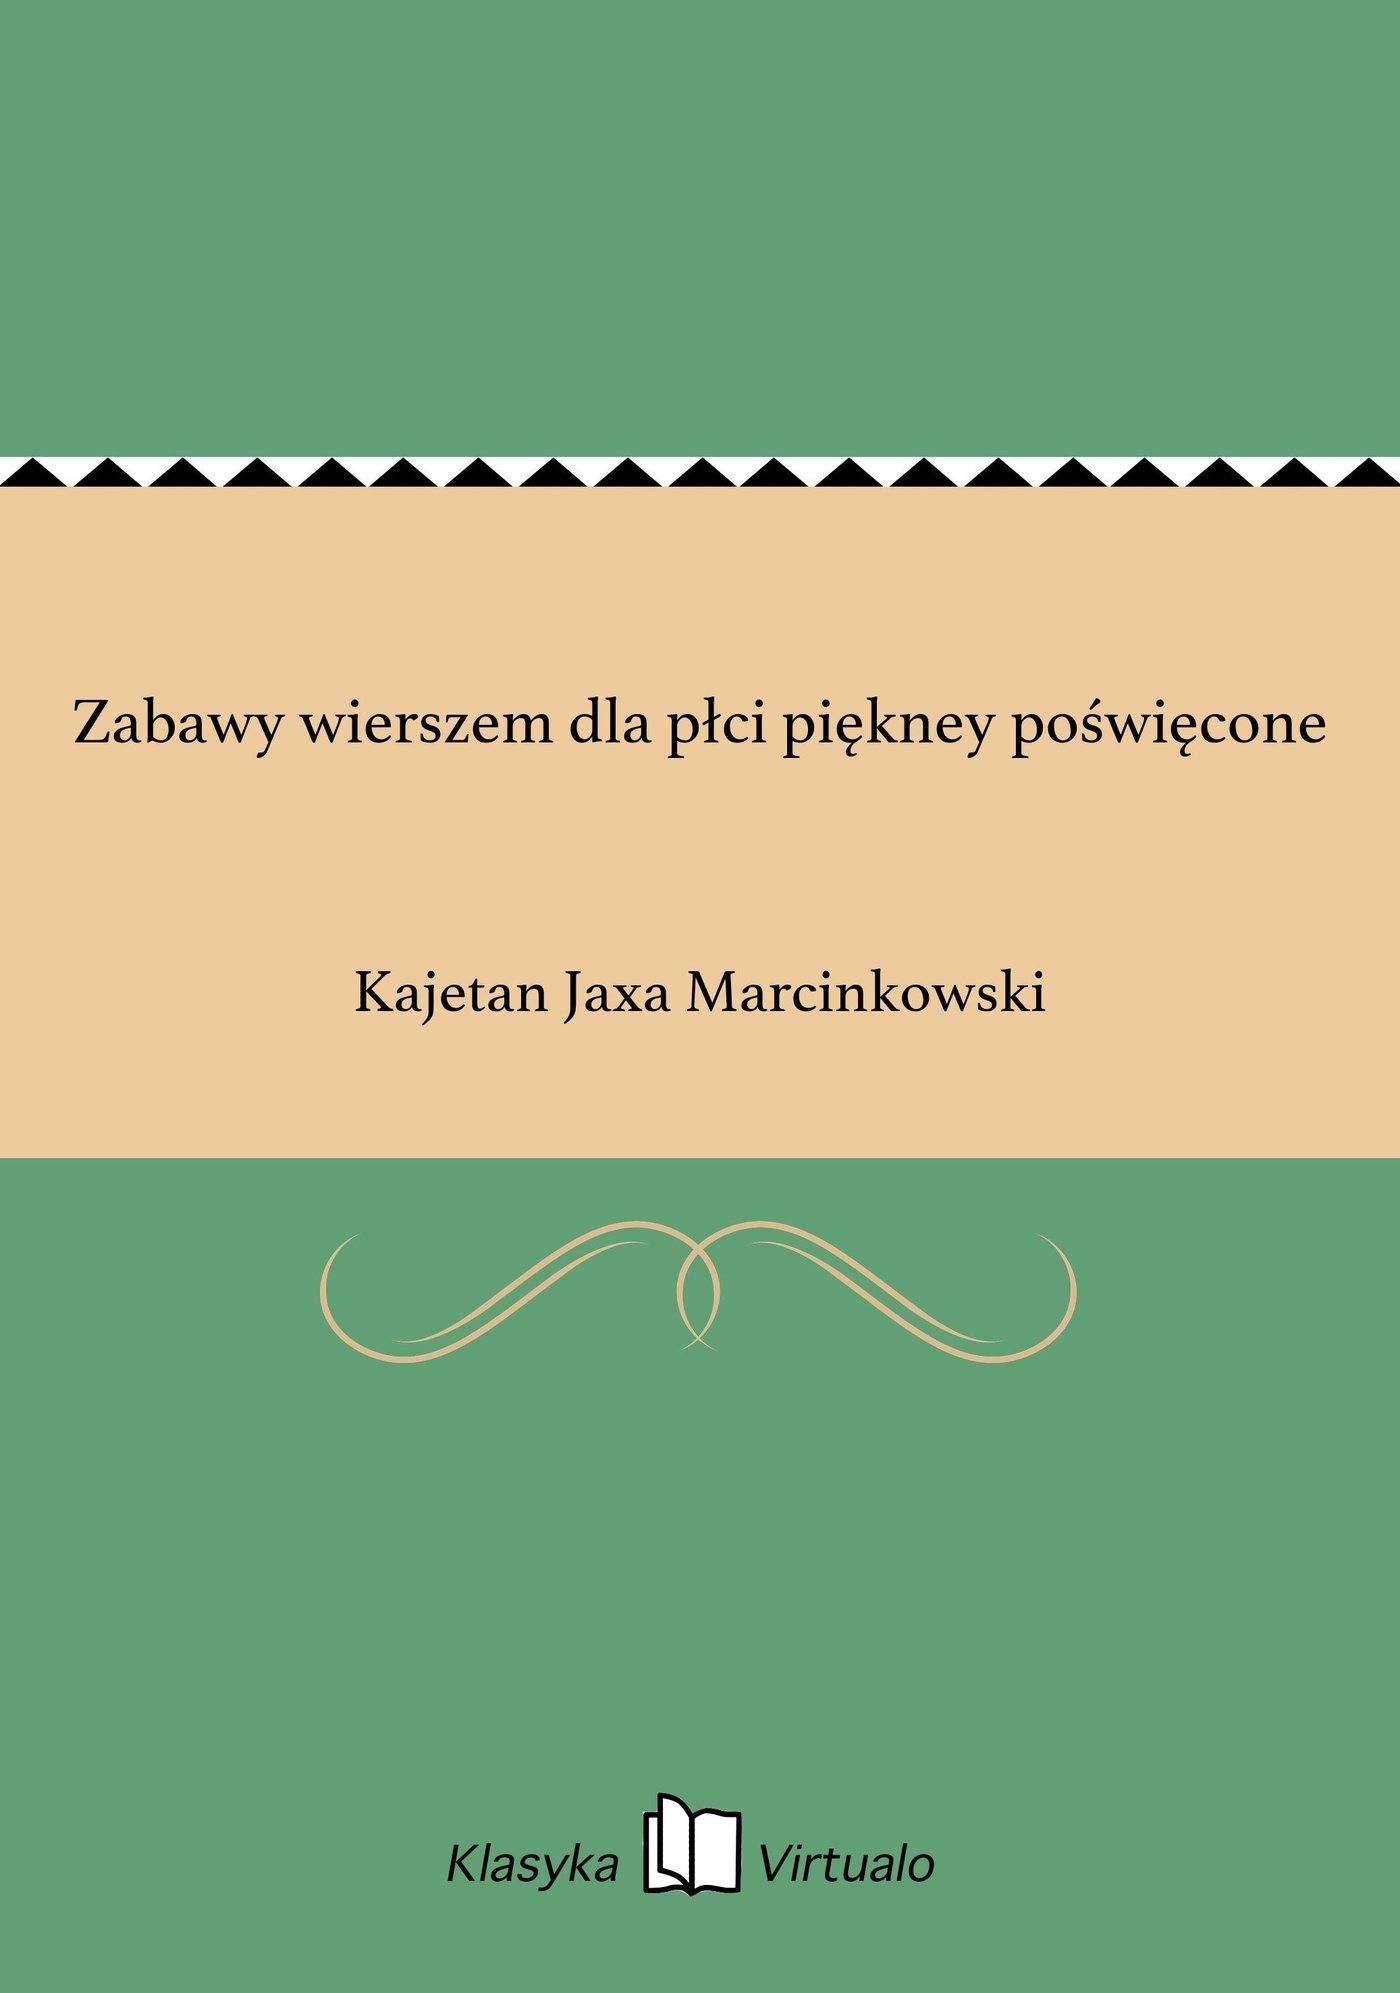 Zabawy wierszem dla płci piękney poświęcone - Ebook (Książka na Kindle) do pobrania w formacie MOBI